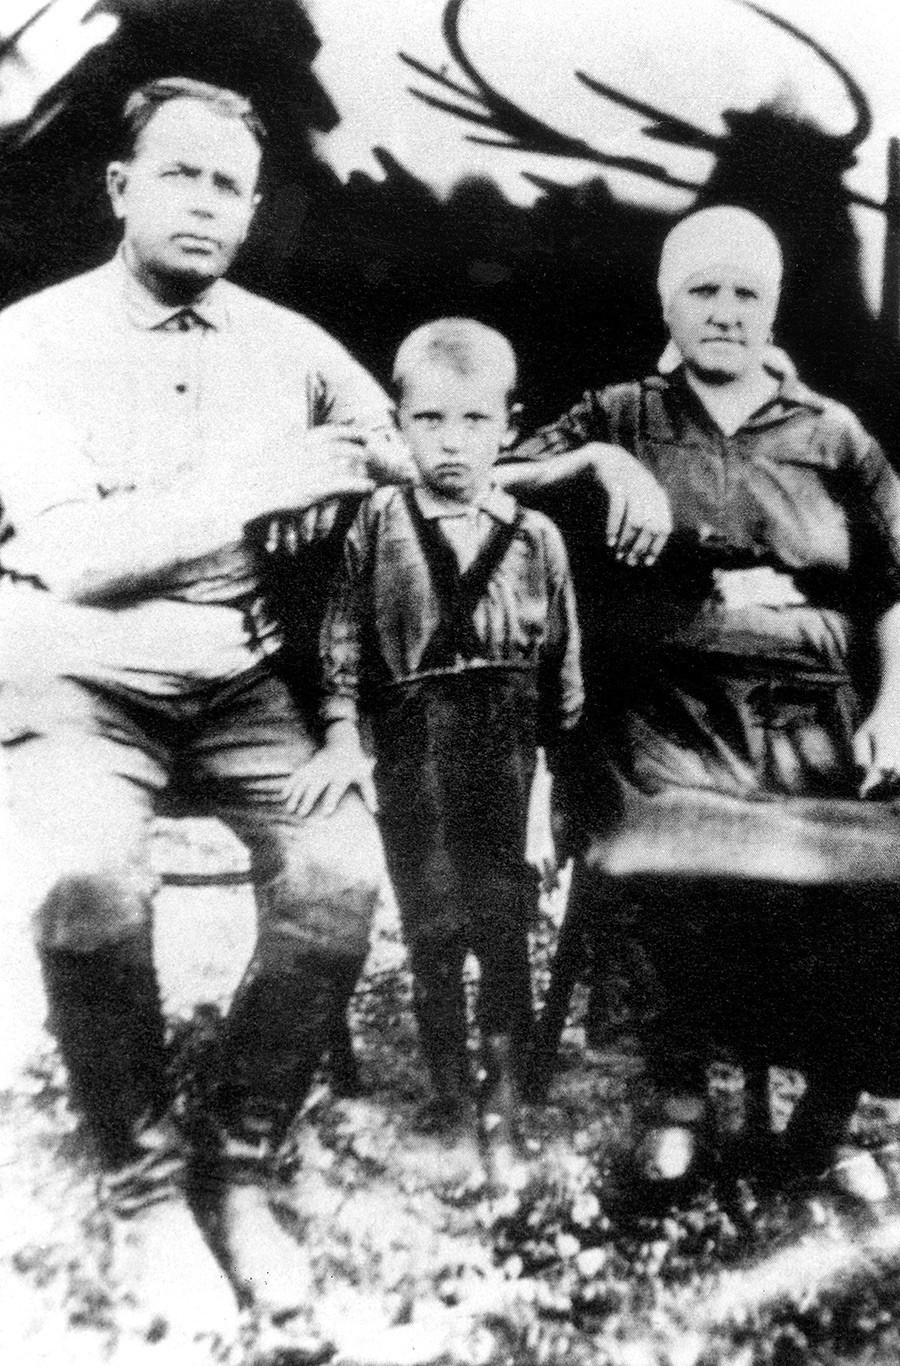 Mikhaïl Gorbatchev âgé de 4 ans